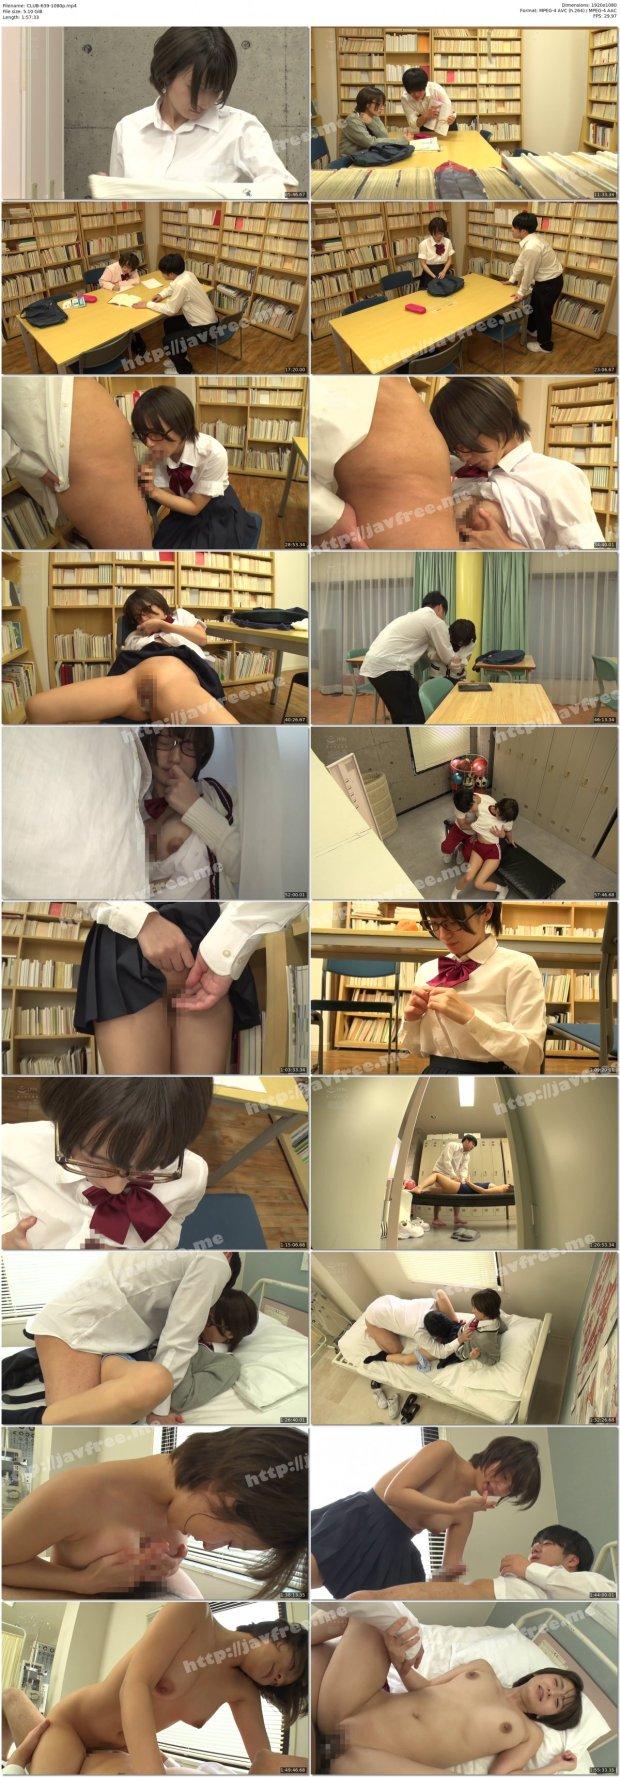 [HD][CLUB-639] 図書委員で根暗のボクにだけ優しくしてくれるショートカット美乳女子を隠し撮り。授業中もずっと種付け交尾してヤリまくった一部始終